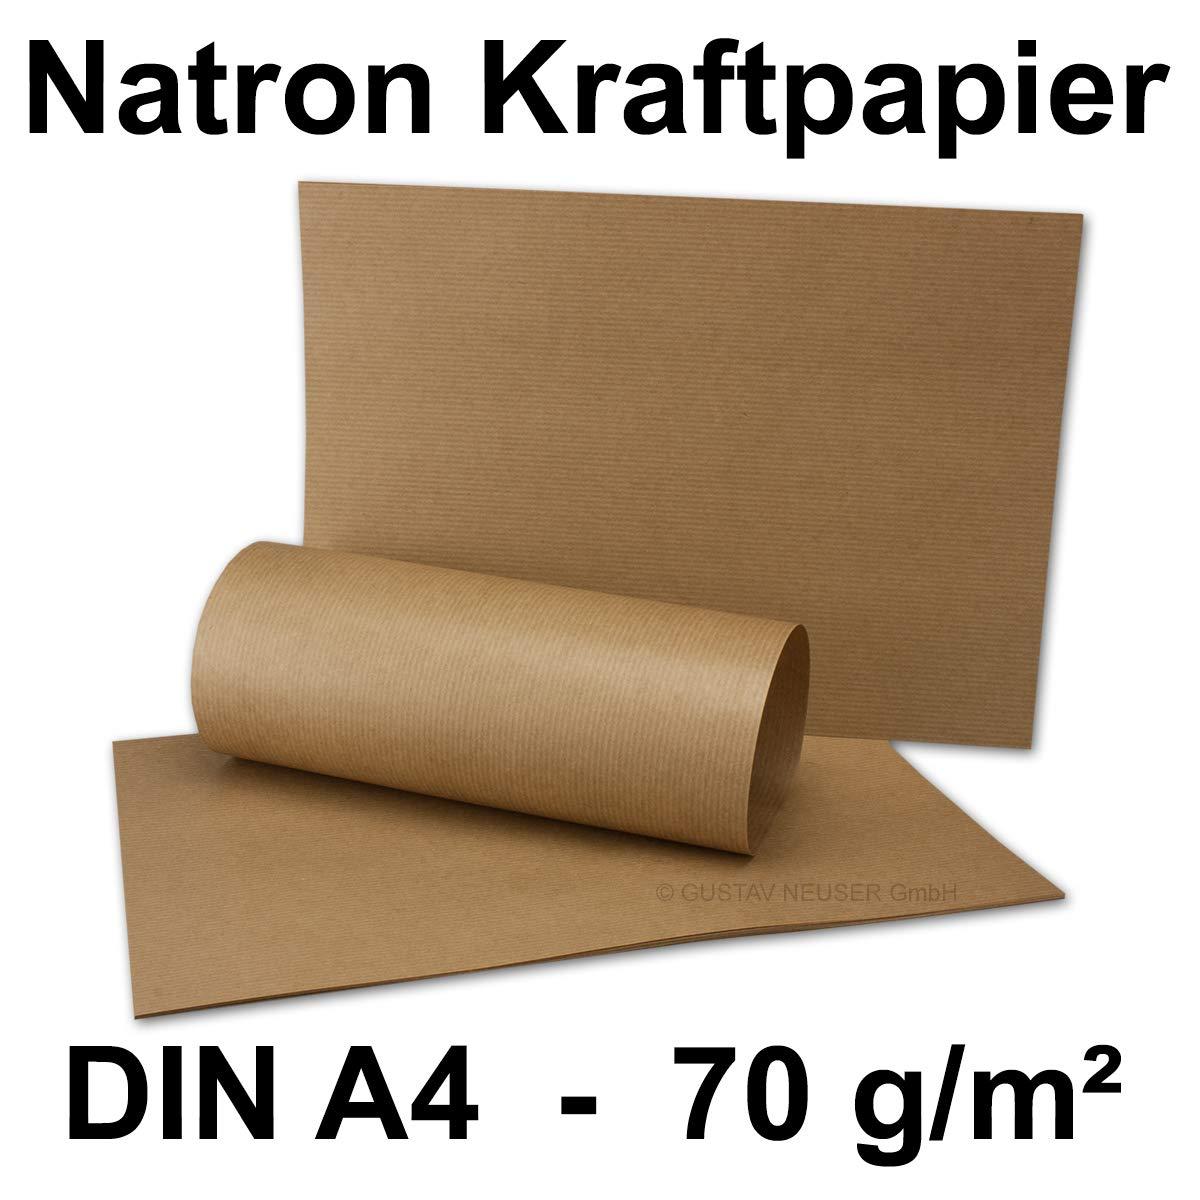 /70/G//MQ DIN A4/arco Bicarbonato Di Sodio della carta kraft gerippt/ leggero 210/X 297/mm////qualit/à professionale 100 Bogen braun gerippt